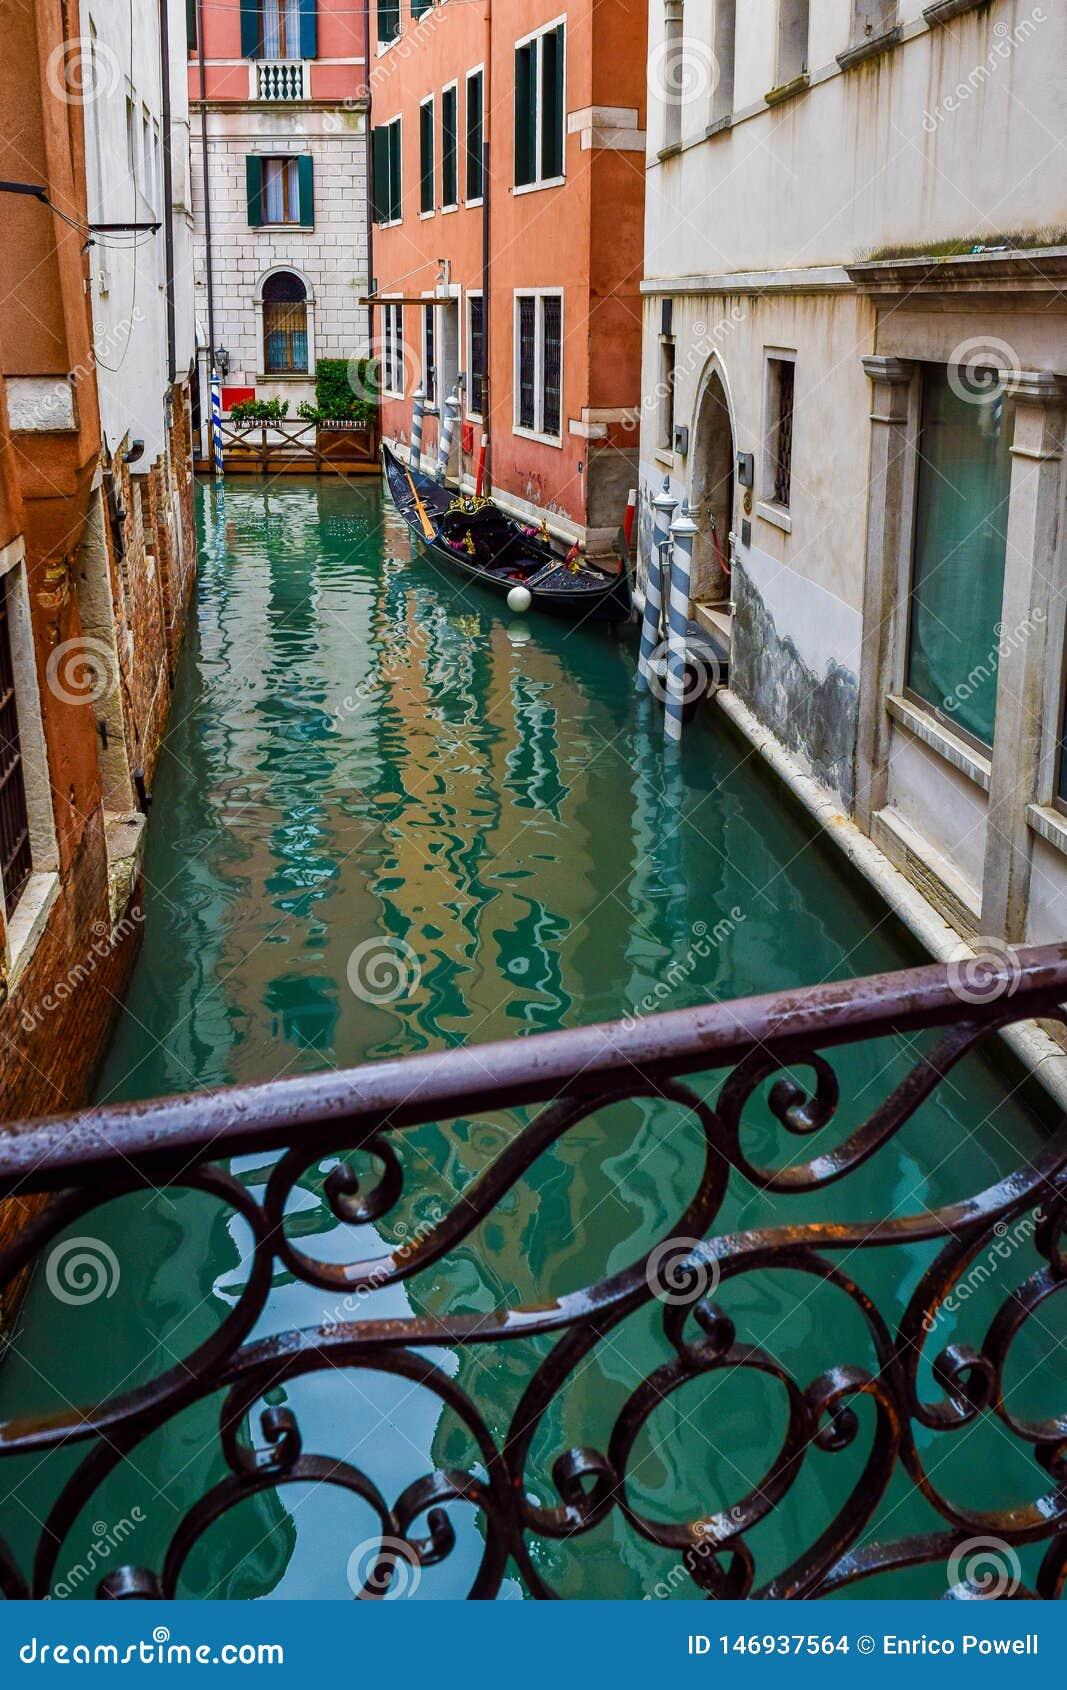 La vue de la gondole en bois vide s est accouplée garé amarré près des bâtiments sur le canal étroit de l eau du pont à Venise, I